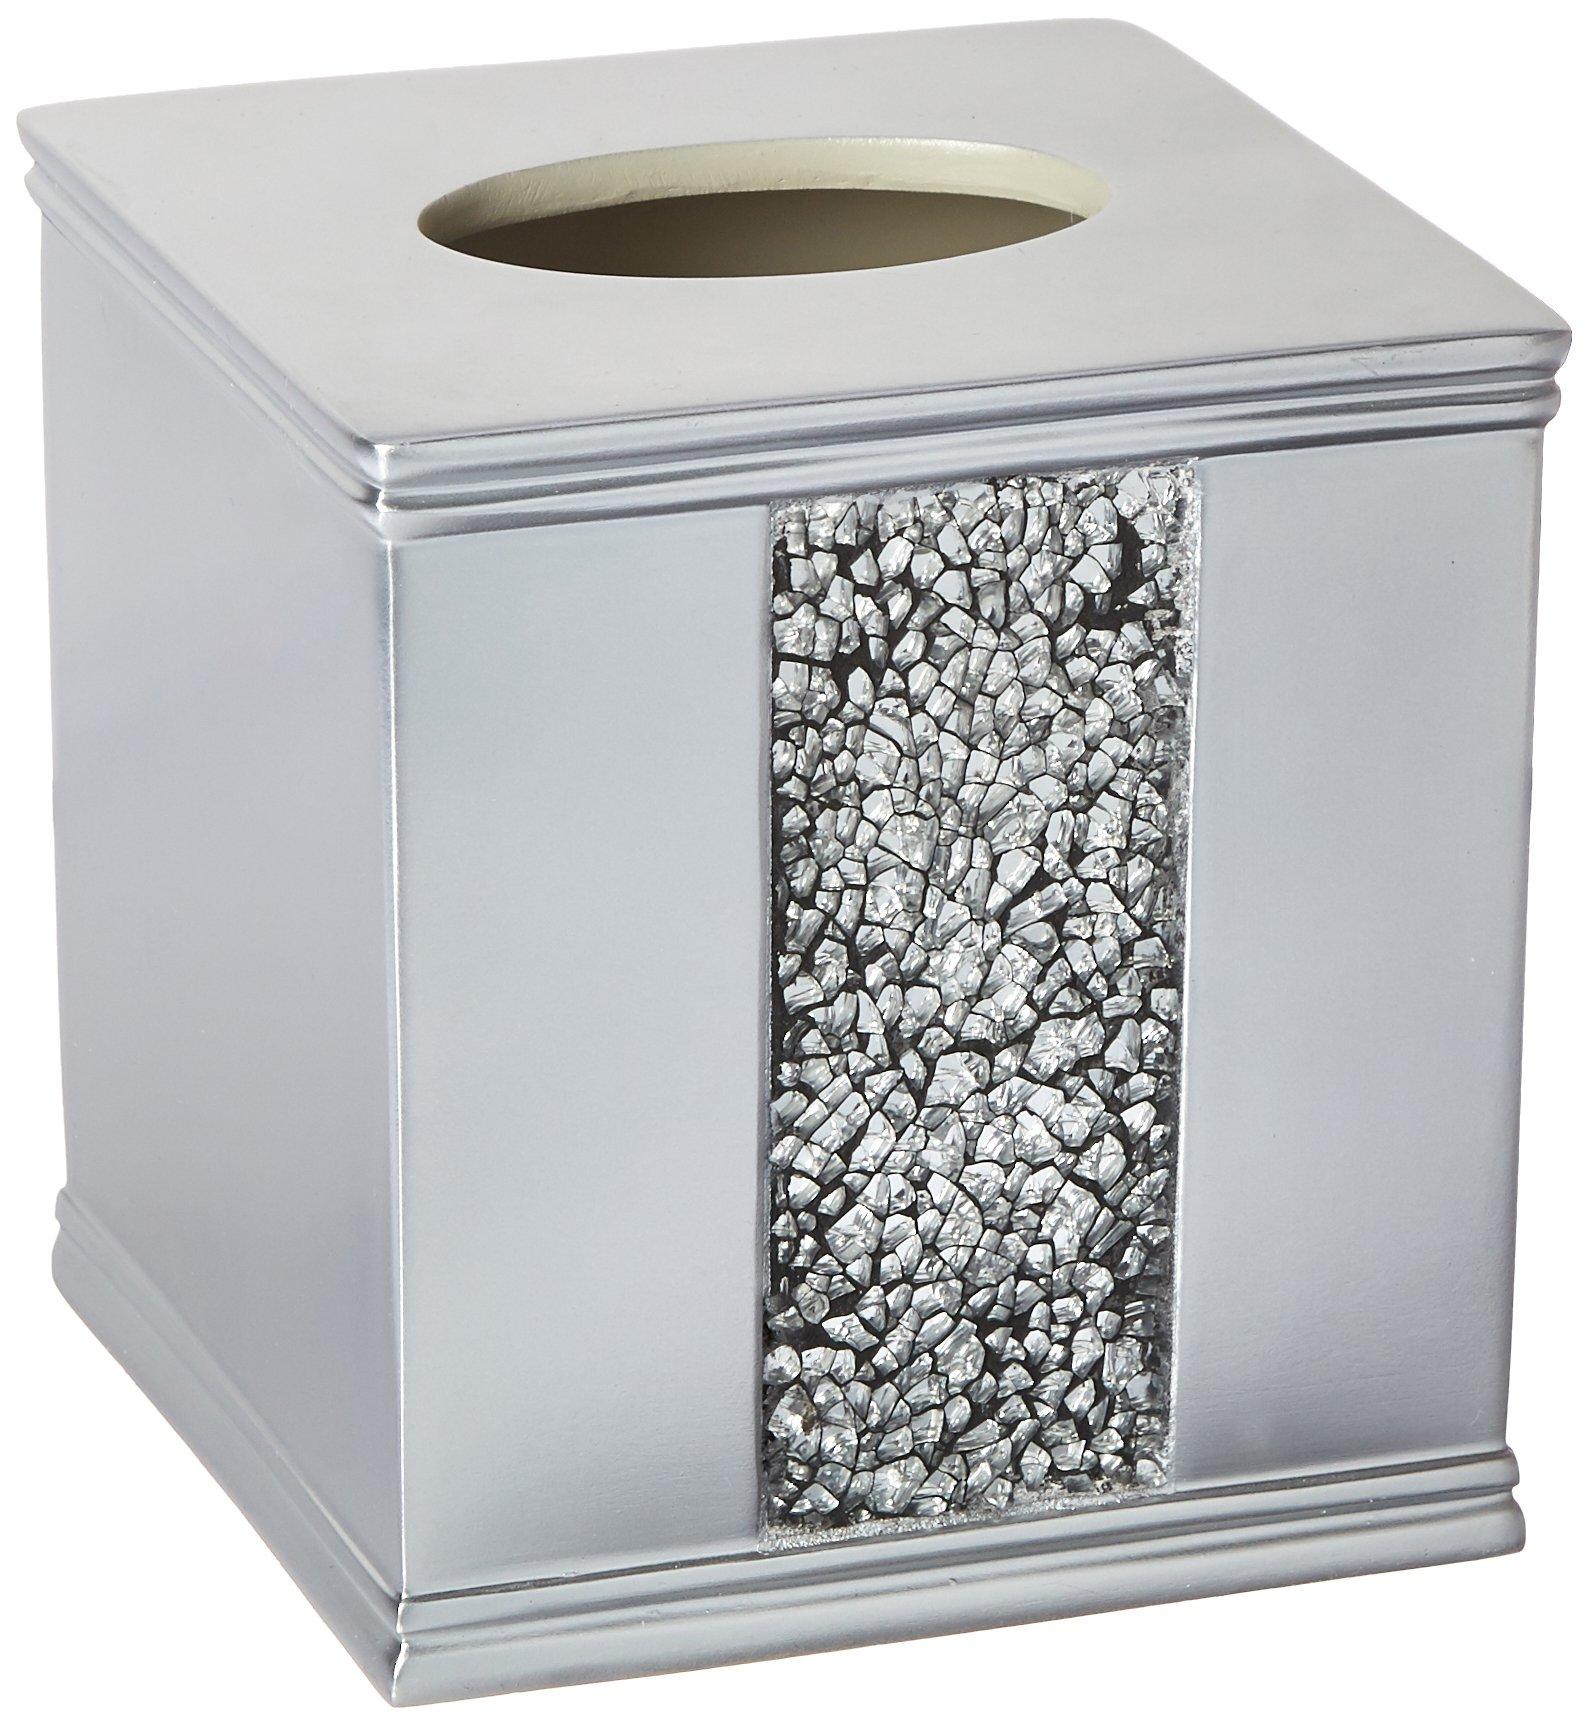 Popular Bath Tissue Box, Sinatra Collection, Silver by Popular Bath